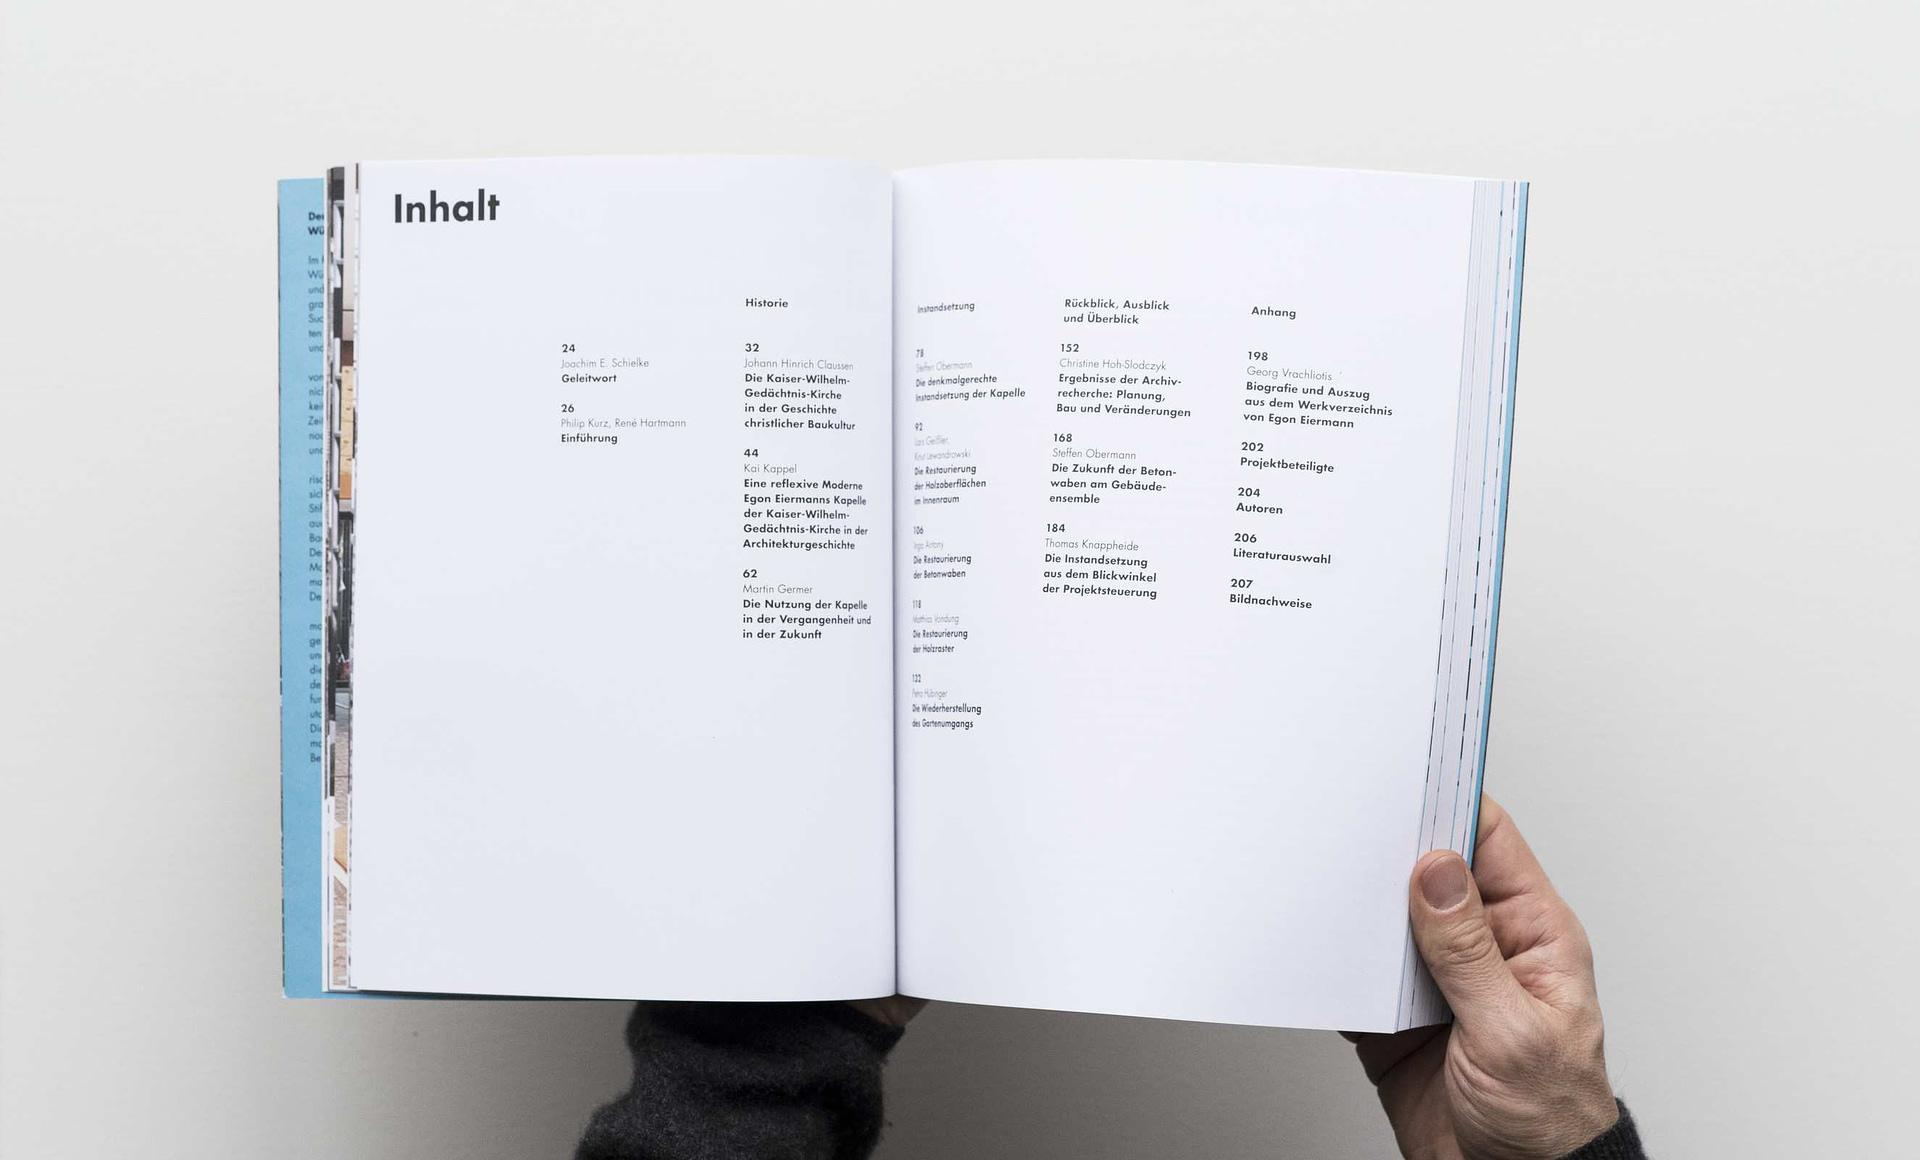 kaiser-wilhelm-memorial-church-book-6-2650x1600px